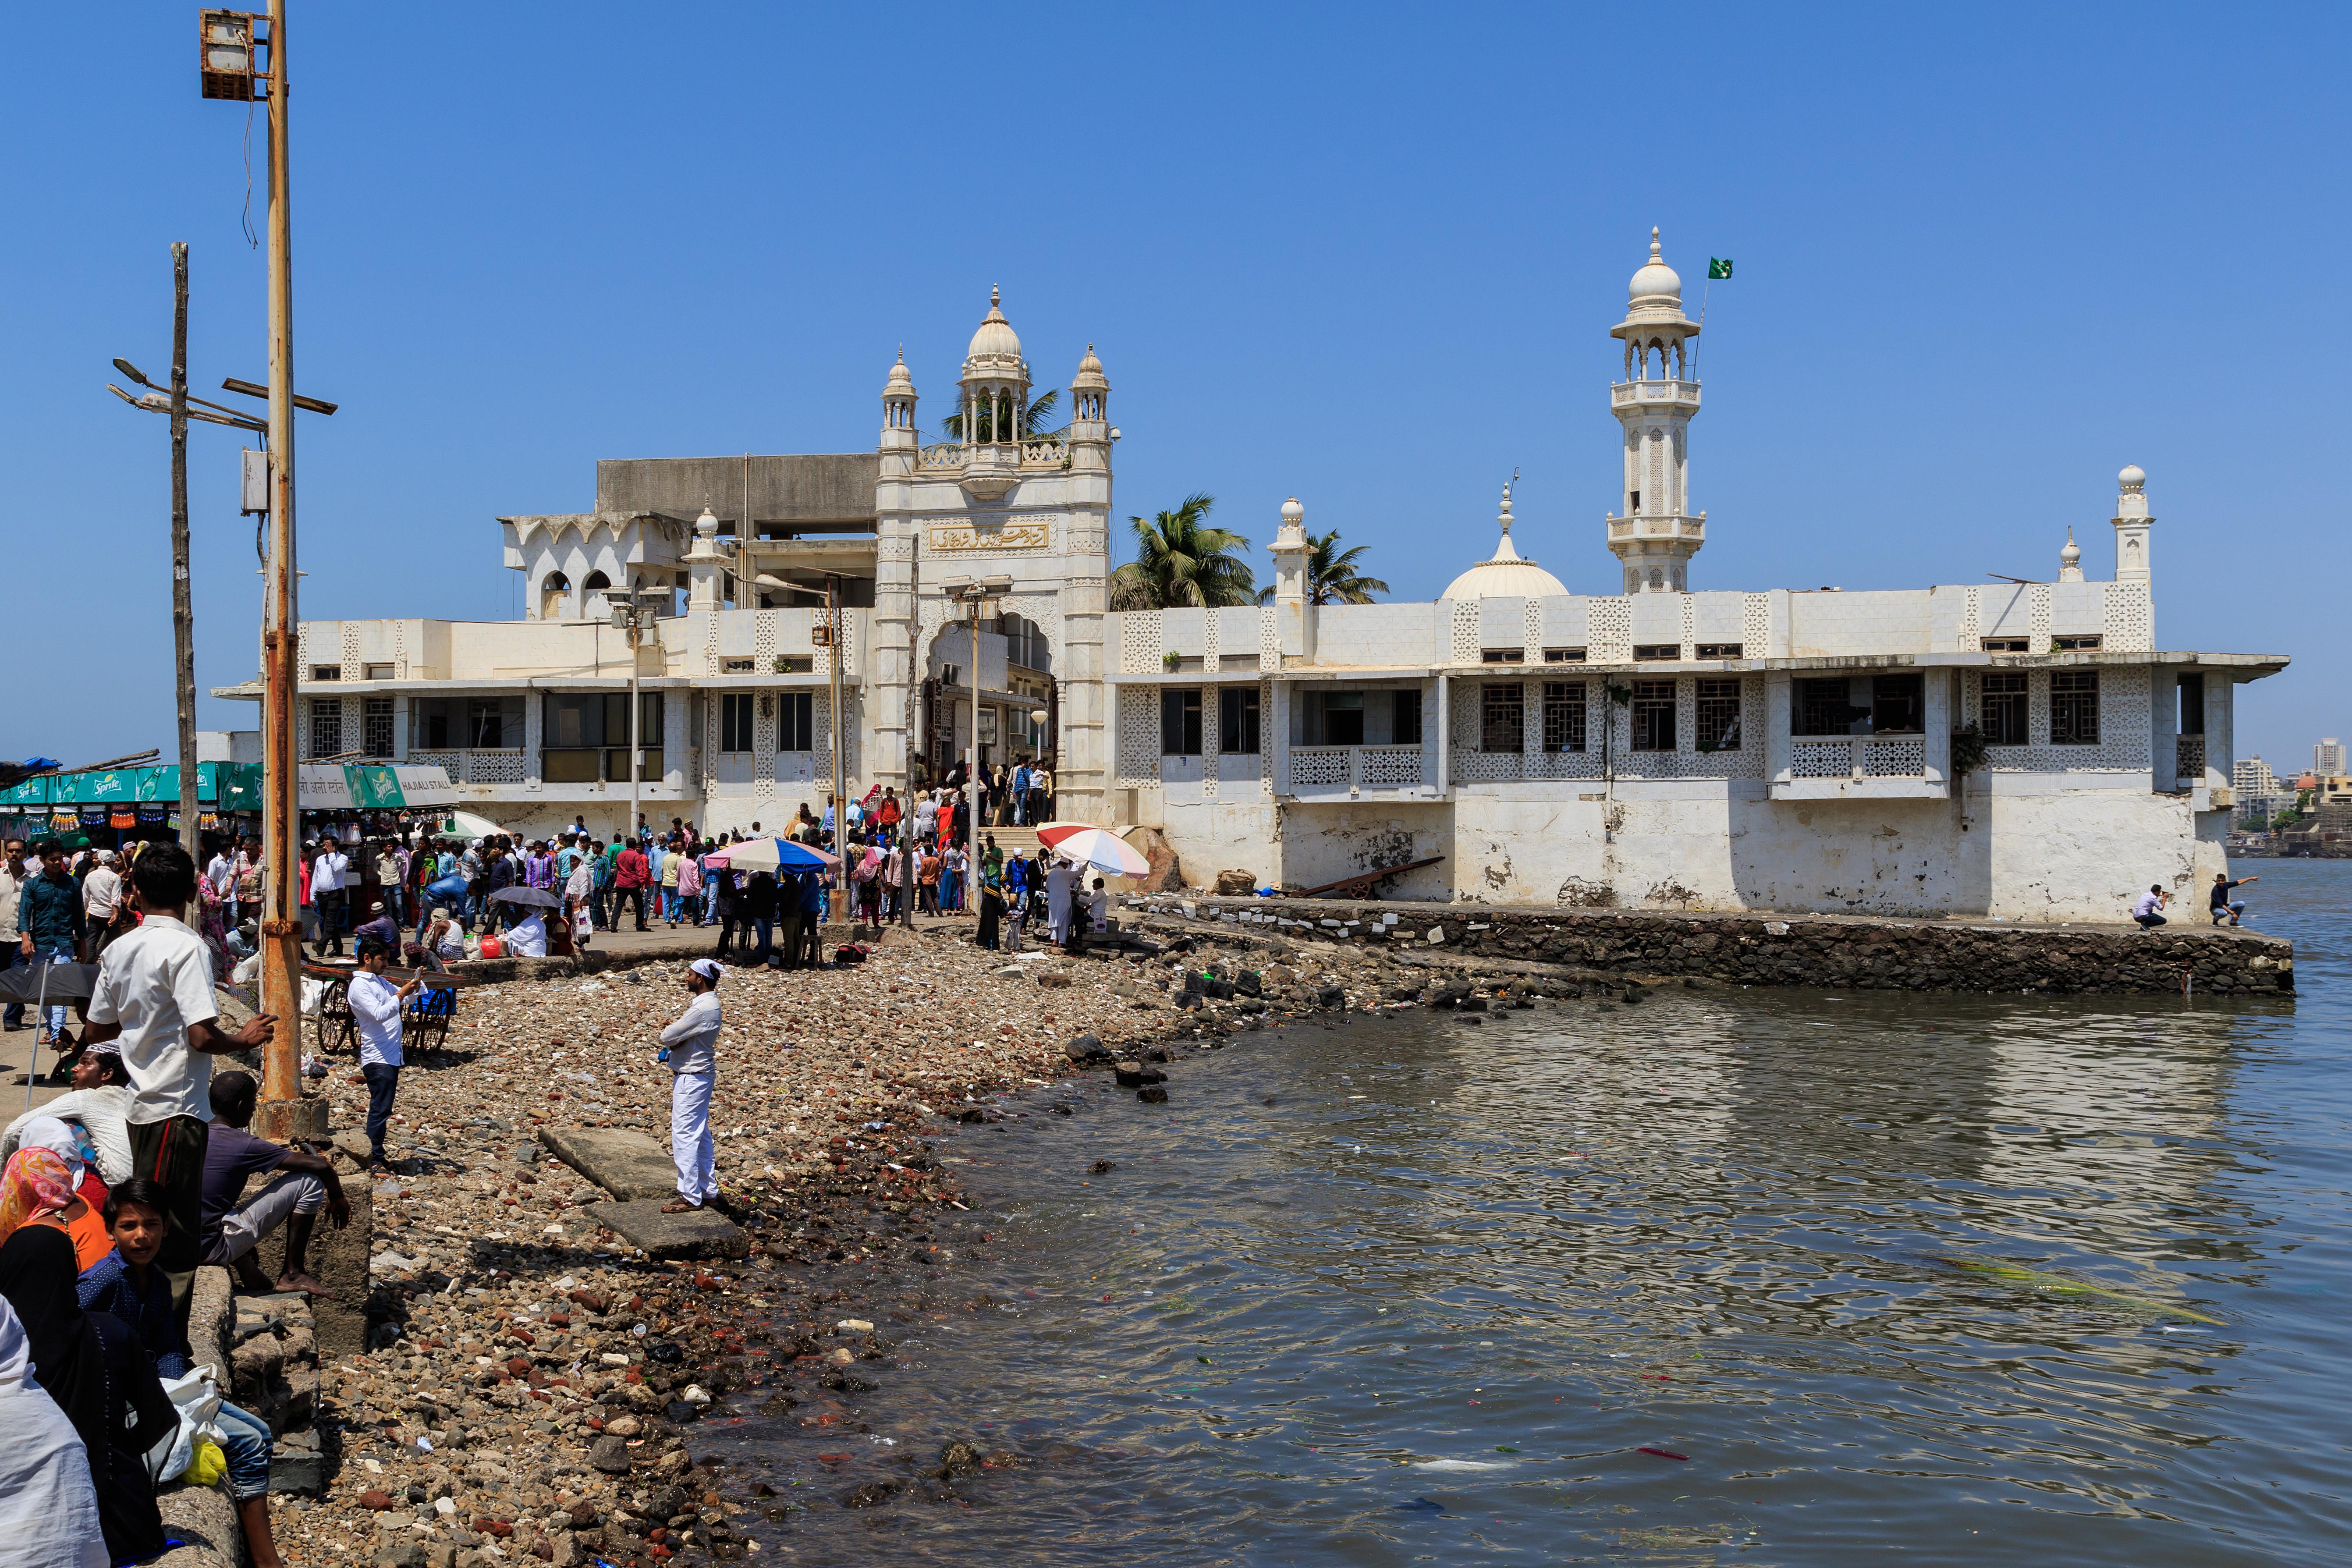 Mumbai 03-2016 12 Haji Ali Dargah.jpg